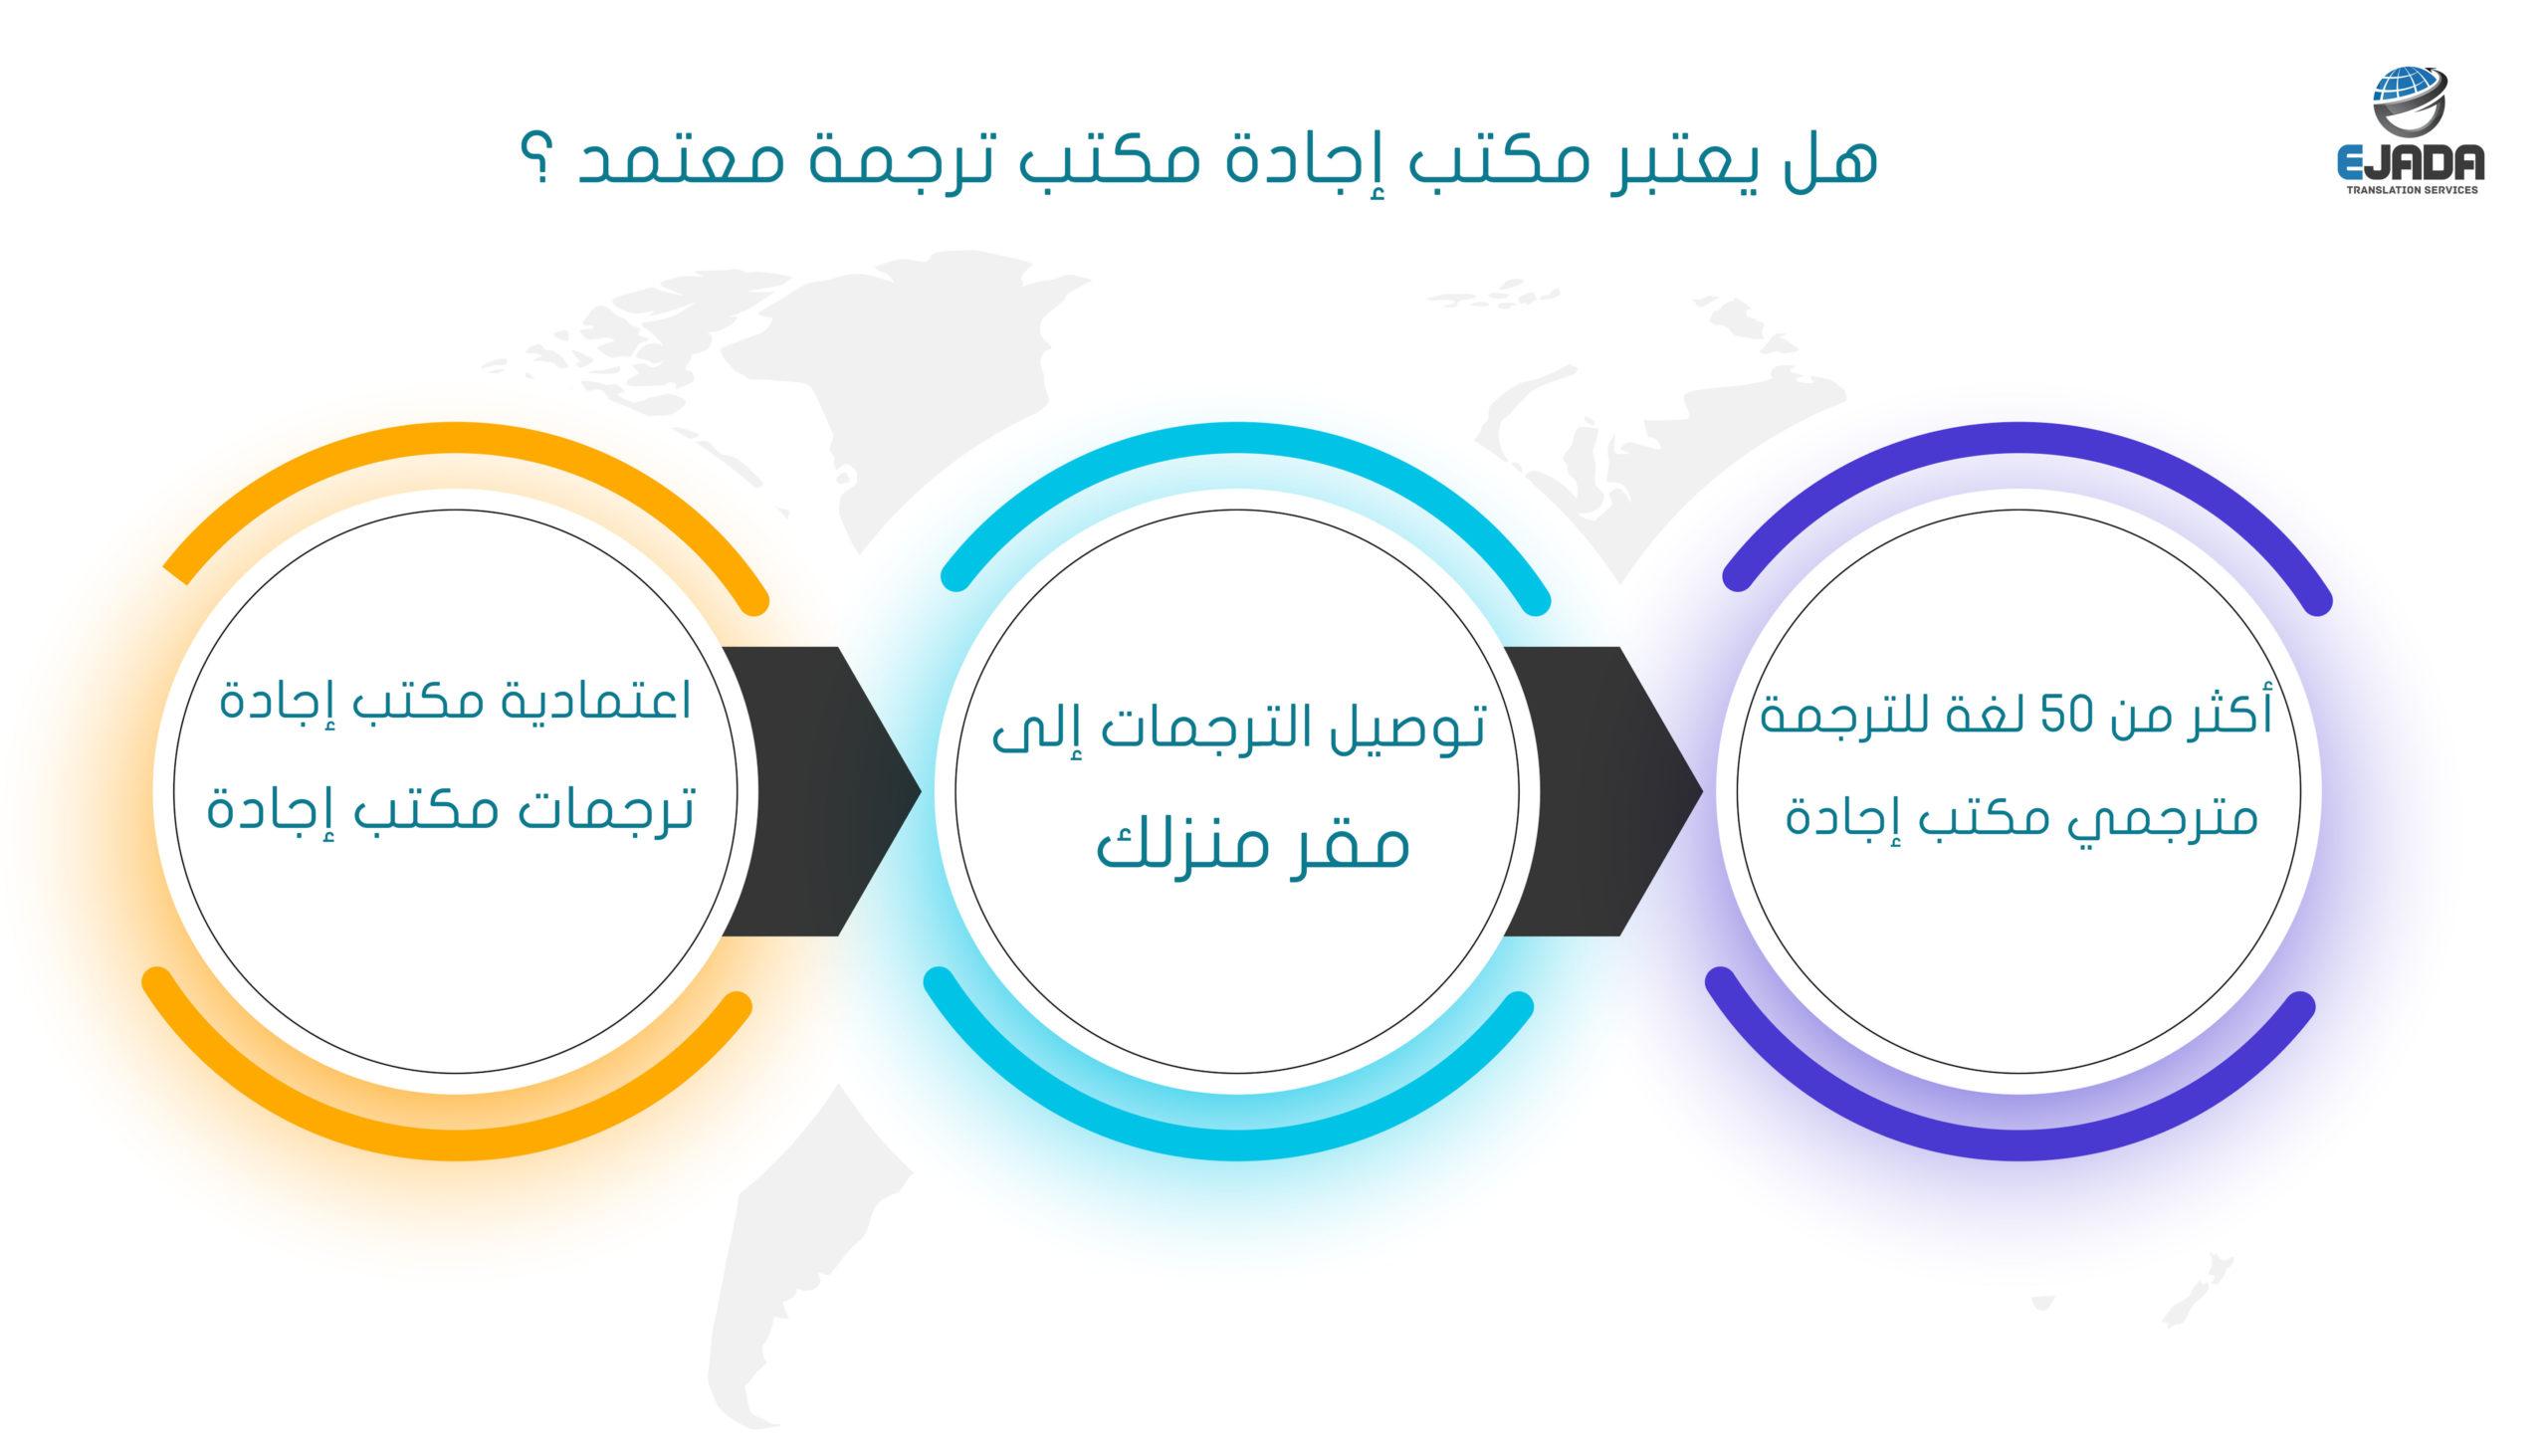 أفضل مكتب ترجمة معتمد في الخليج